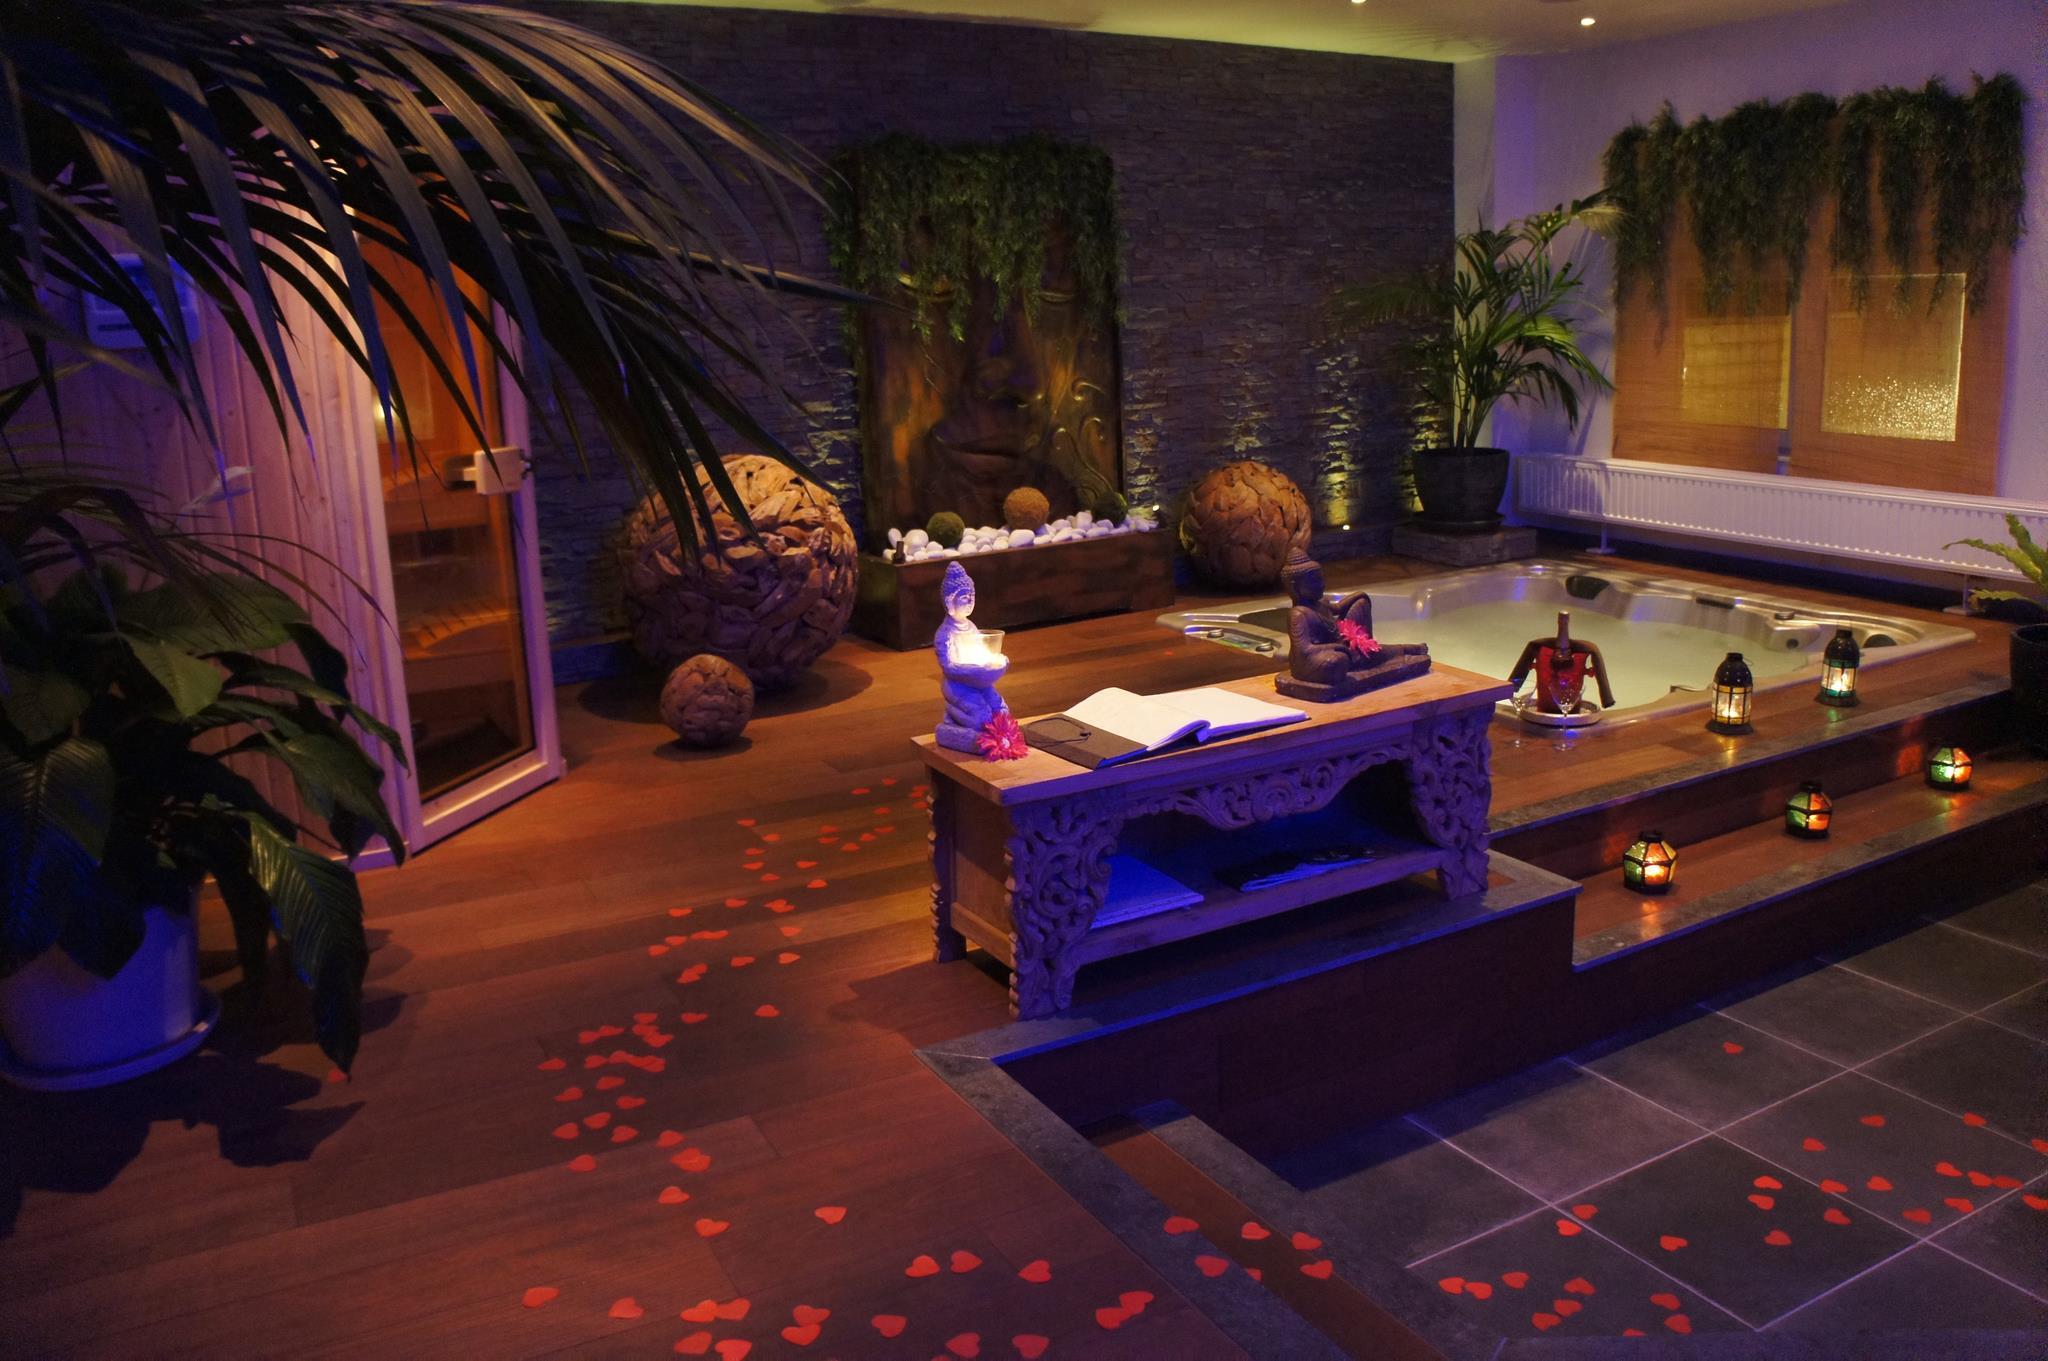 Chambre de luxe avec jacuzzi belgique images for Chambre de luxe avec jacuzzi belgique